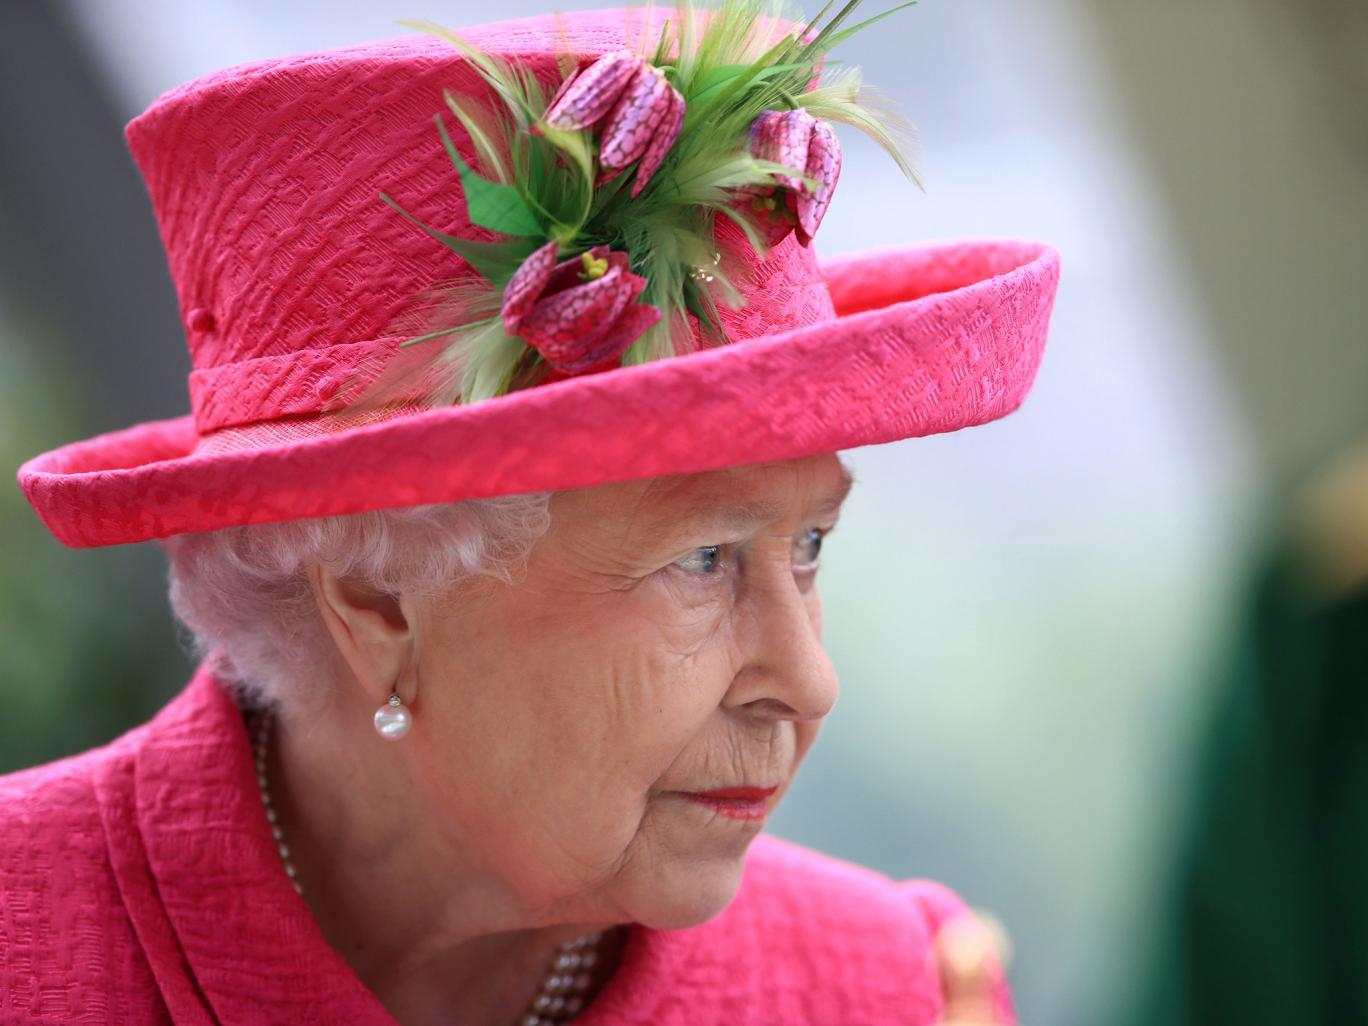 مرگ ملکه چه پیامدهایی برای انگلیس به دنبال خواهد داشت؟/ آیا نظام پادشاهی انگلیس پس از مرگ الیزابت دوم از هم خواهد پاشید؟/ در صورت مرگ ملکه چه اتفاقاتی در انگلیس خواهد افتاد؟